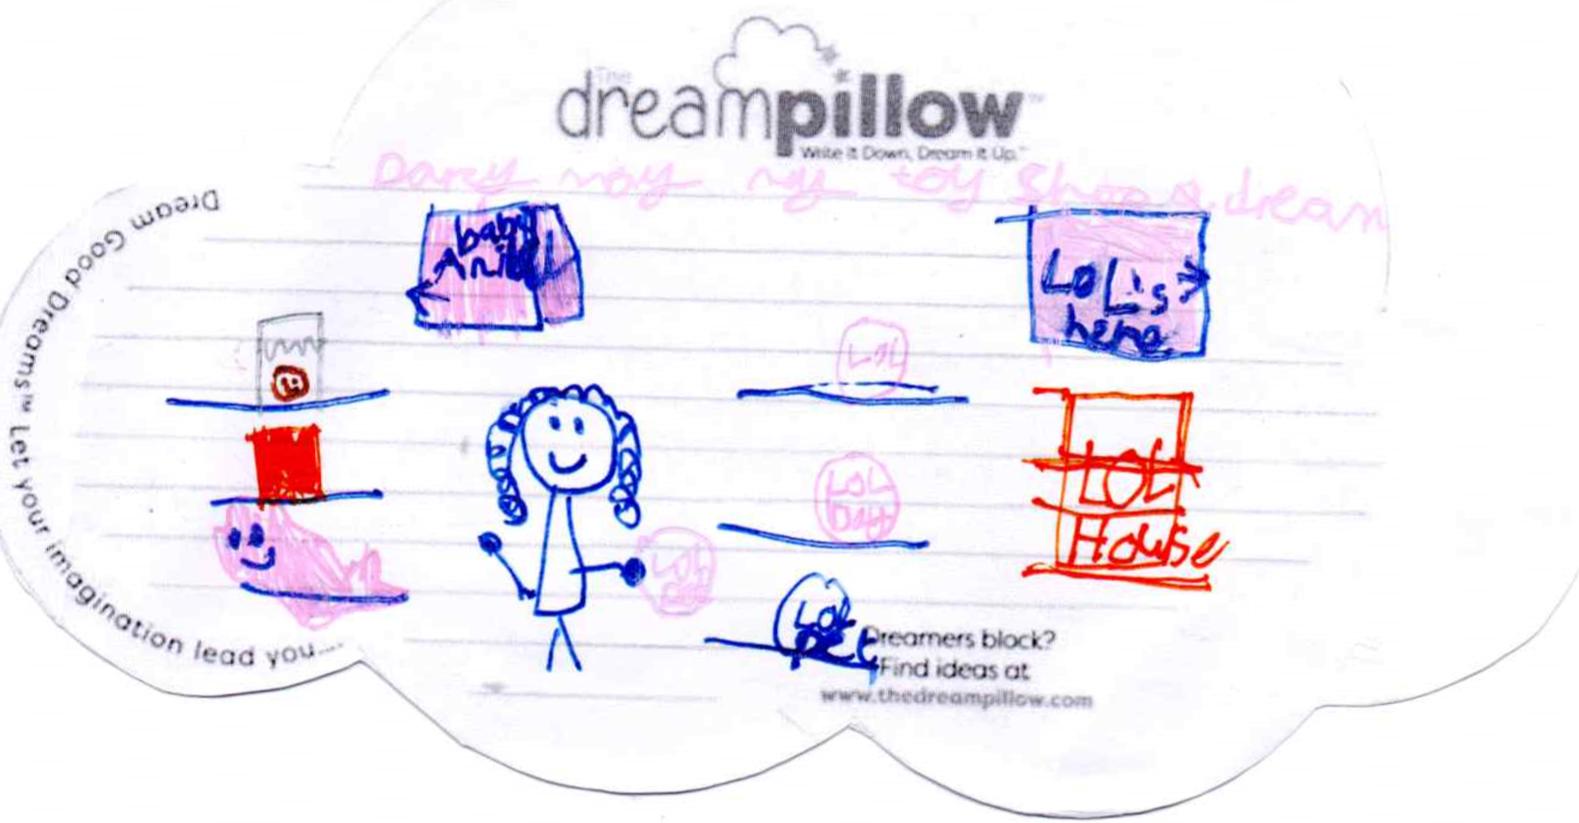 Darcy (7 ans) nous montre le magasin de jouet de ses rêves dans lequel se trouvent beaucoup de poupées LOL.